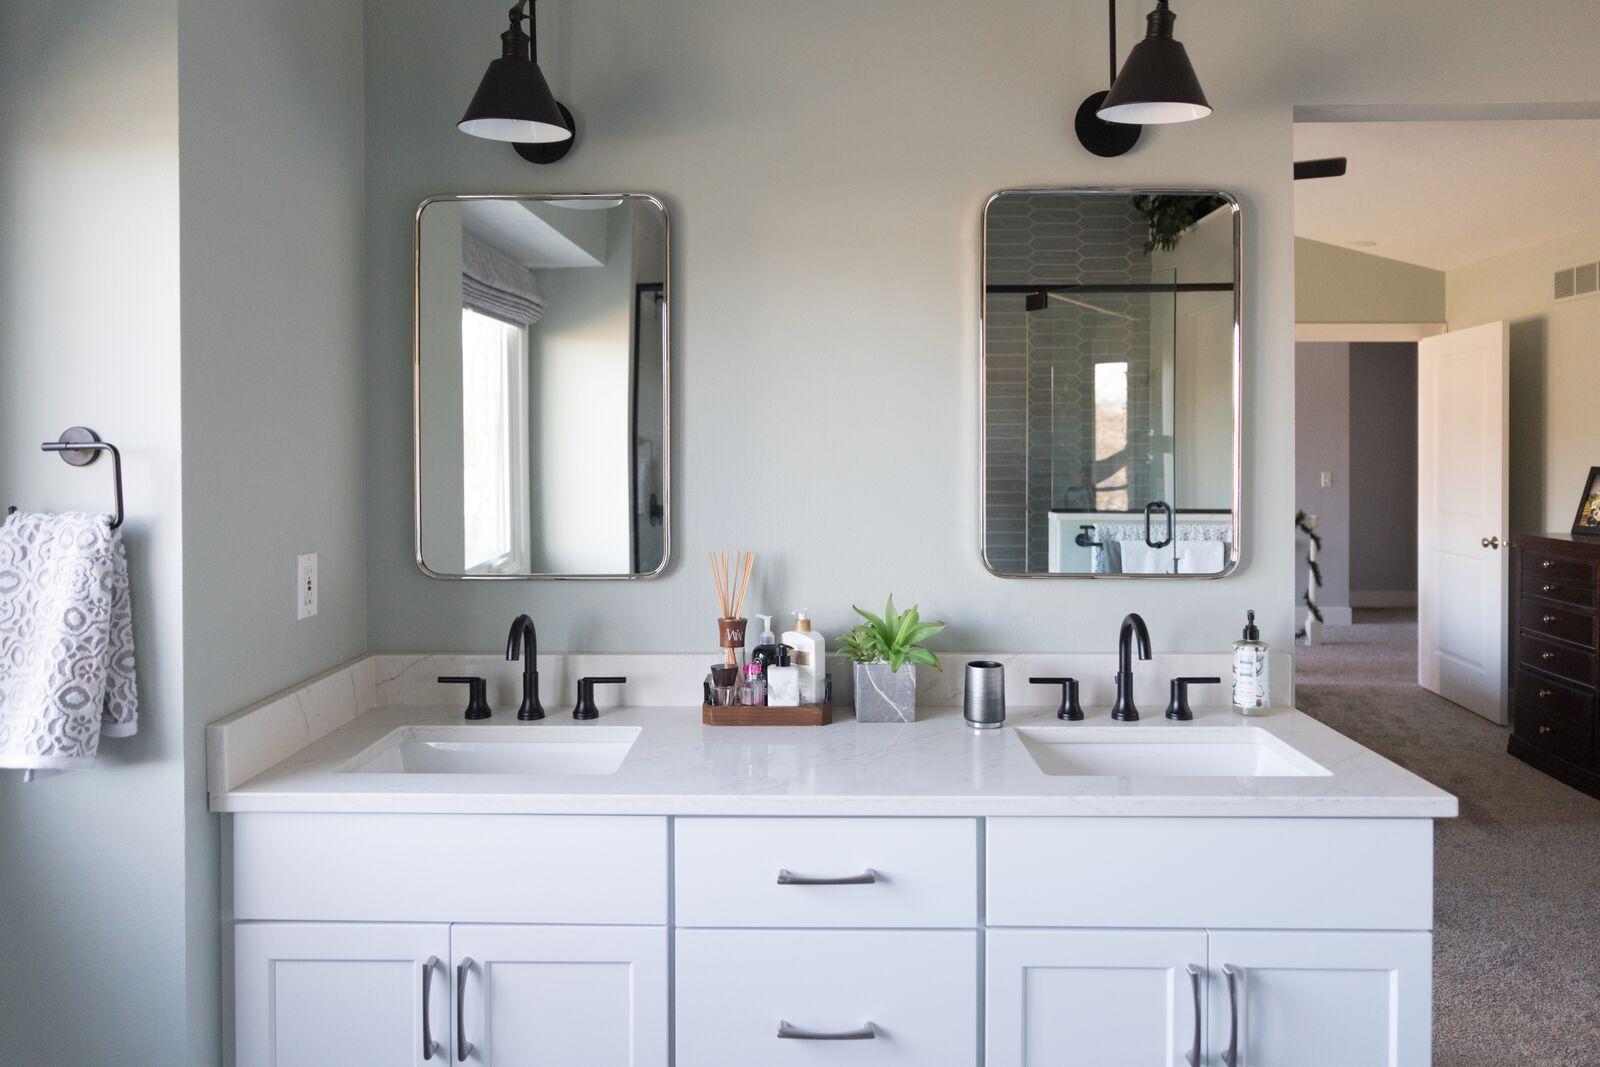 Contemporary Bathroom in Des Moines IA 9